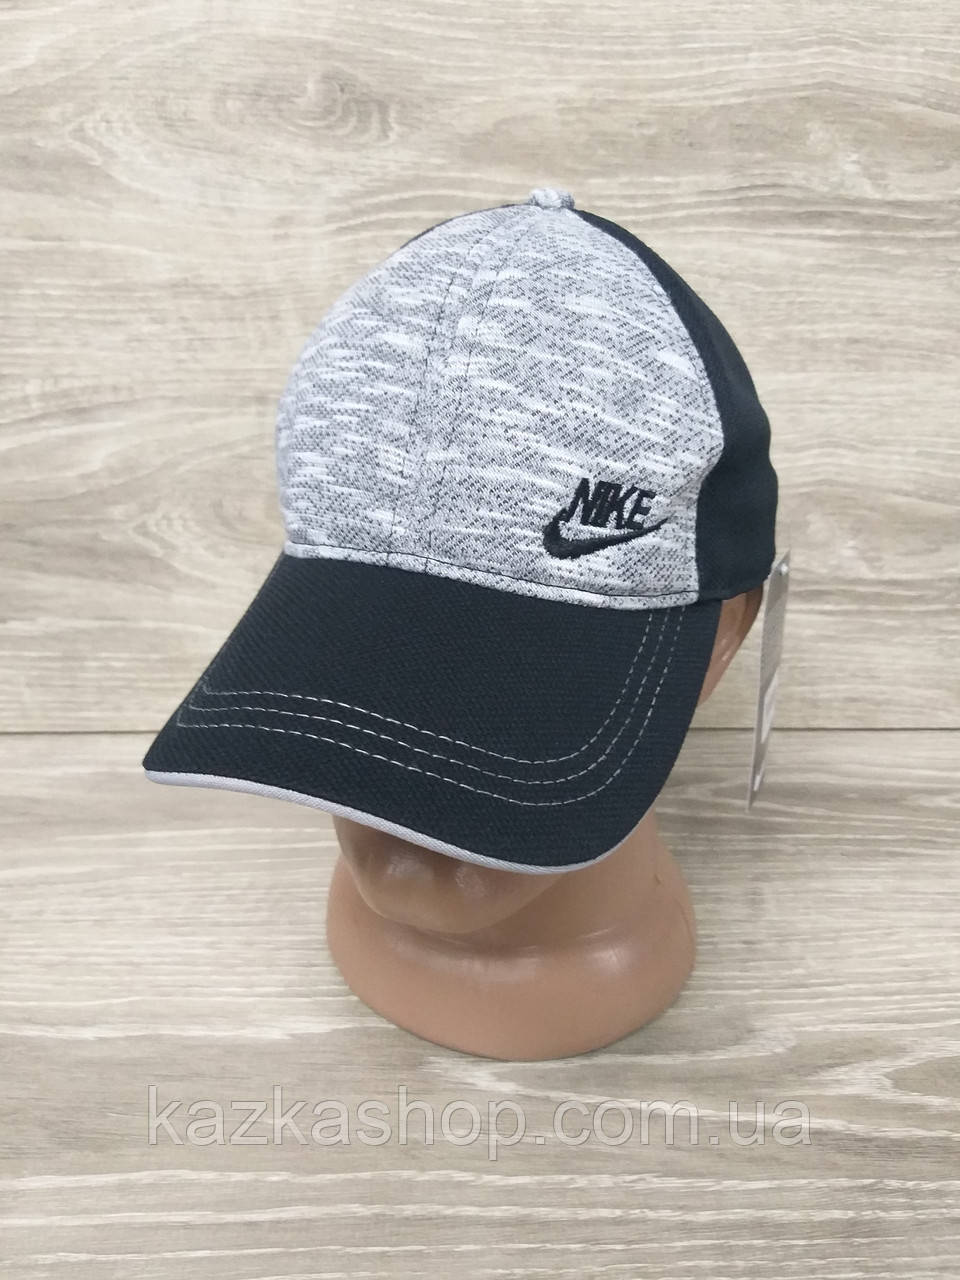 Мужская кепка, бейсболка, вышивка логотипа в стиле Nike (реплика),  размер 54-56, на регуляторе